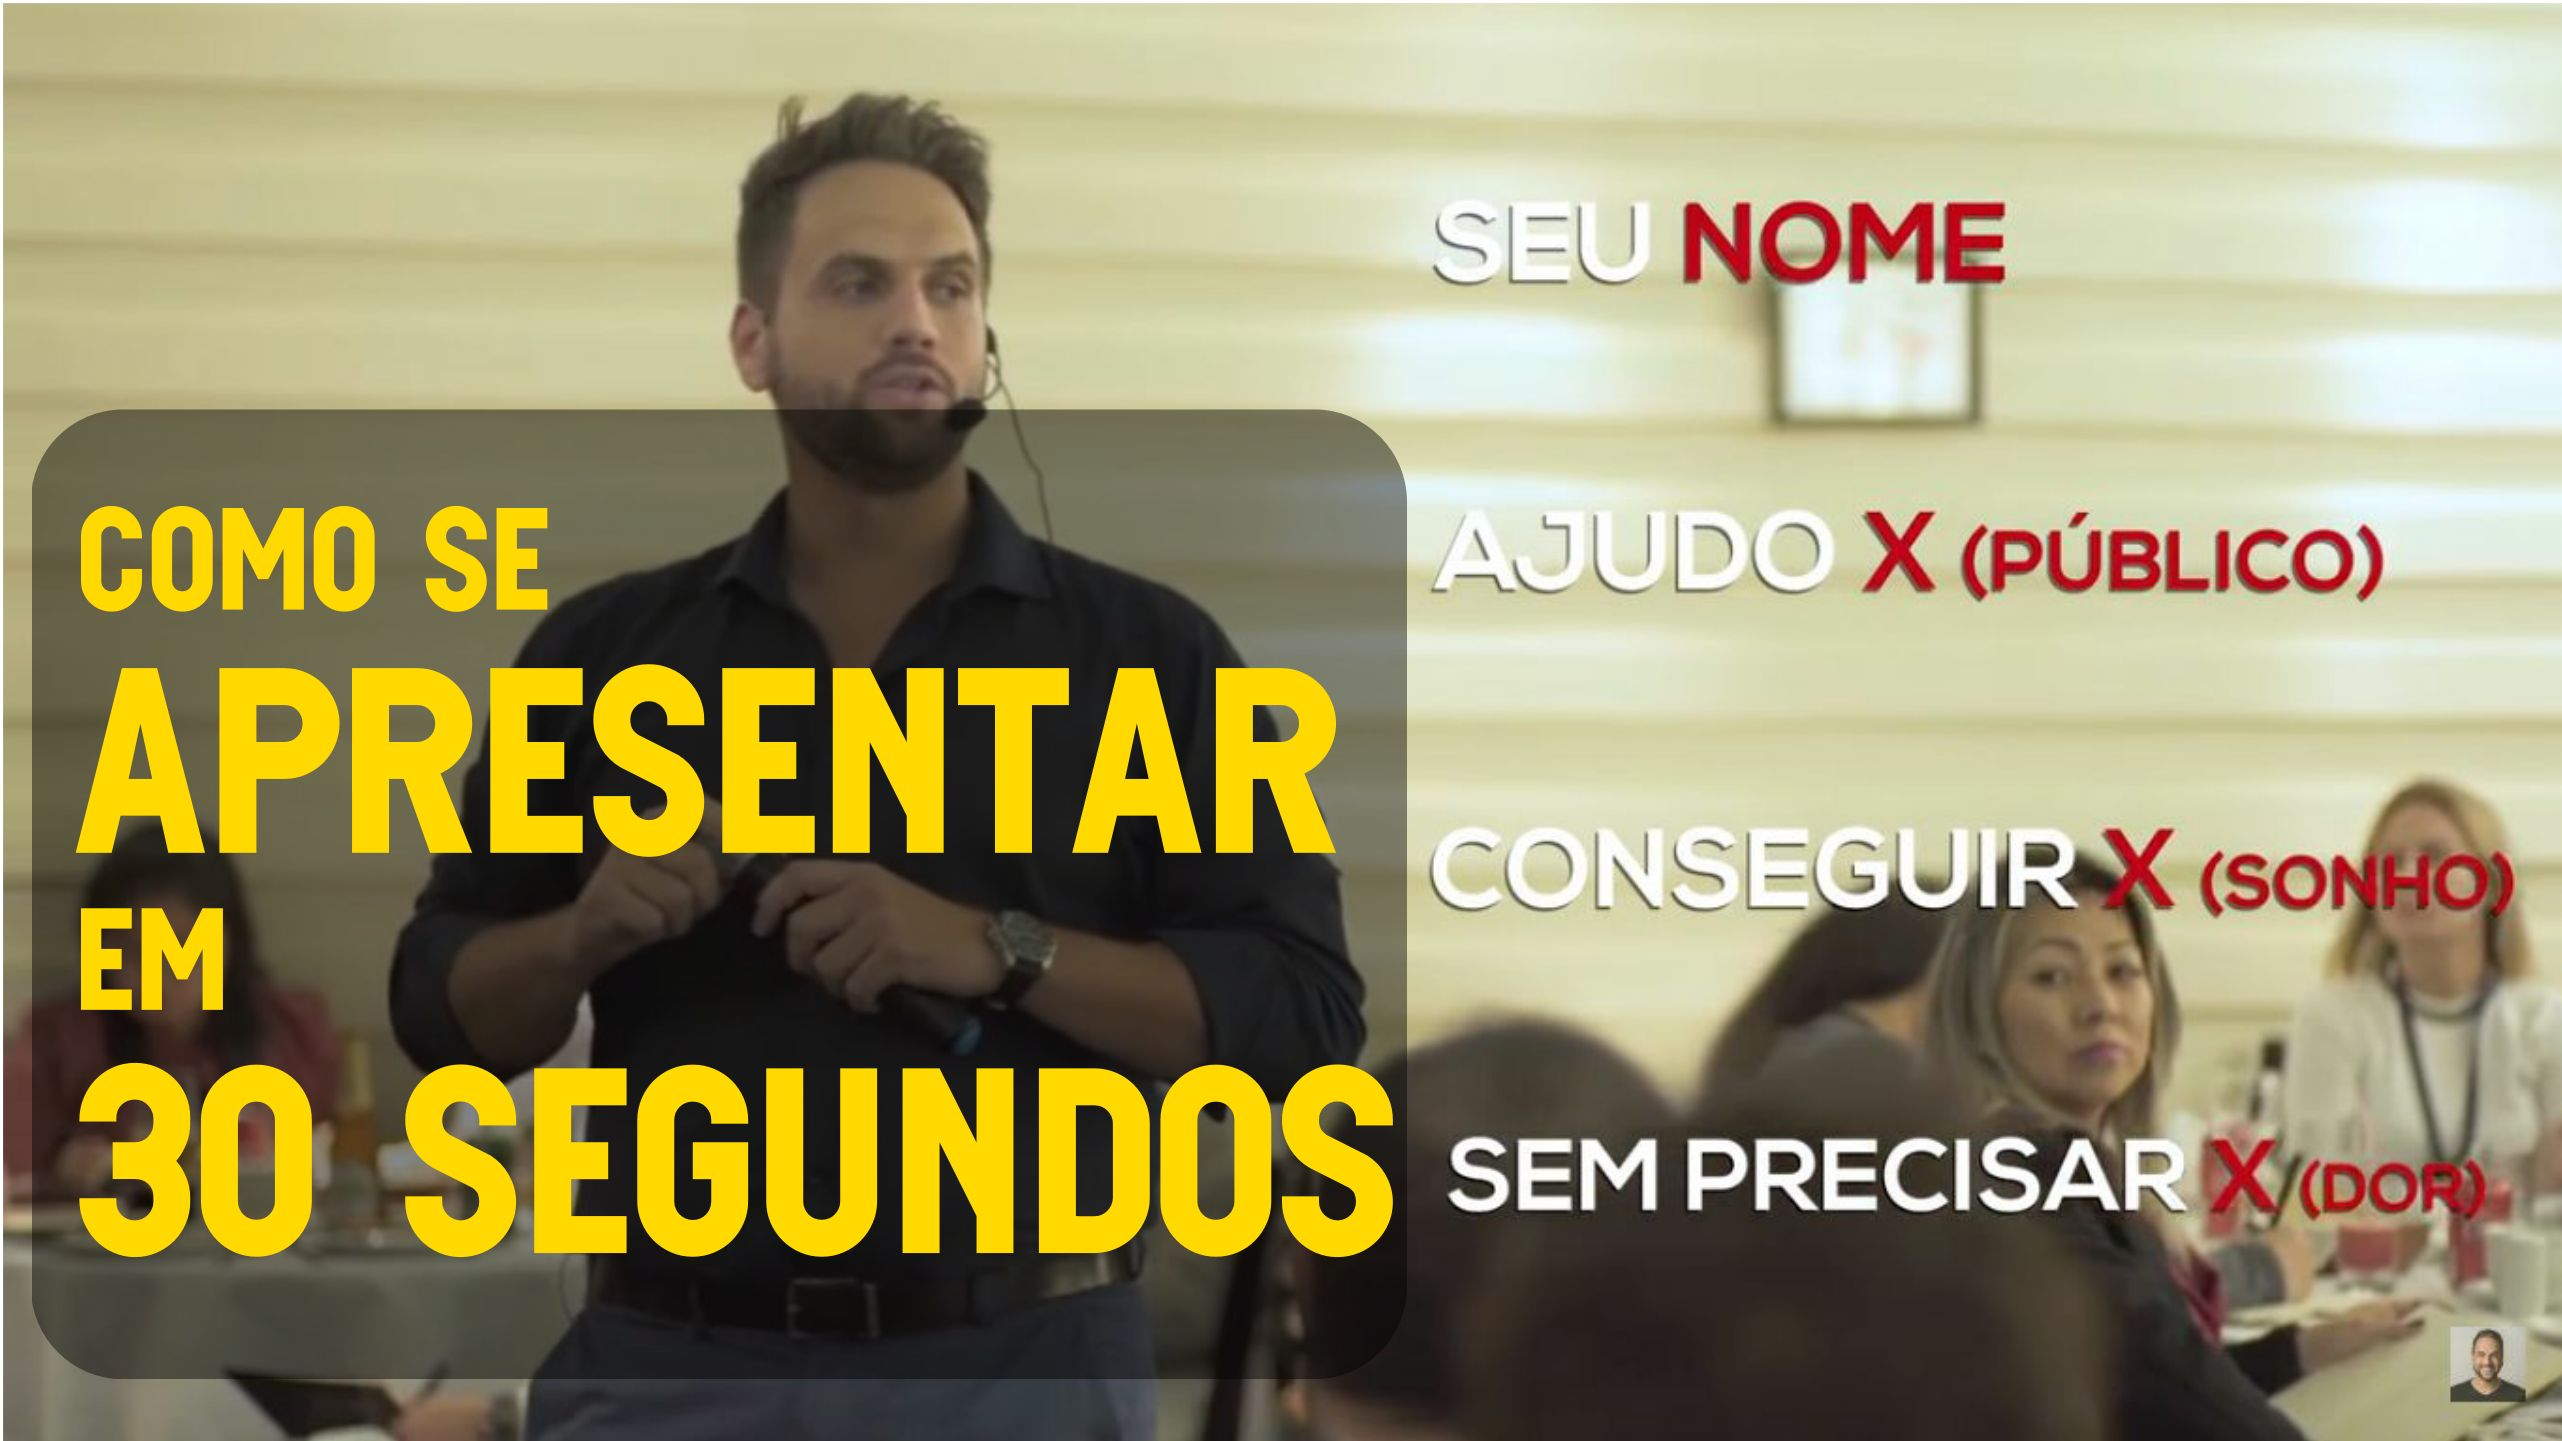 You are currently viewing Como se apresentar em 30 Segundos